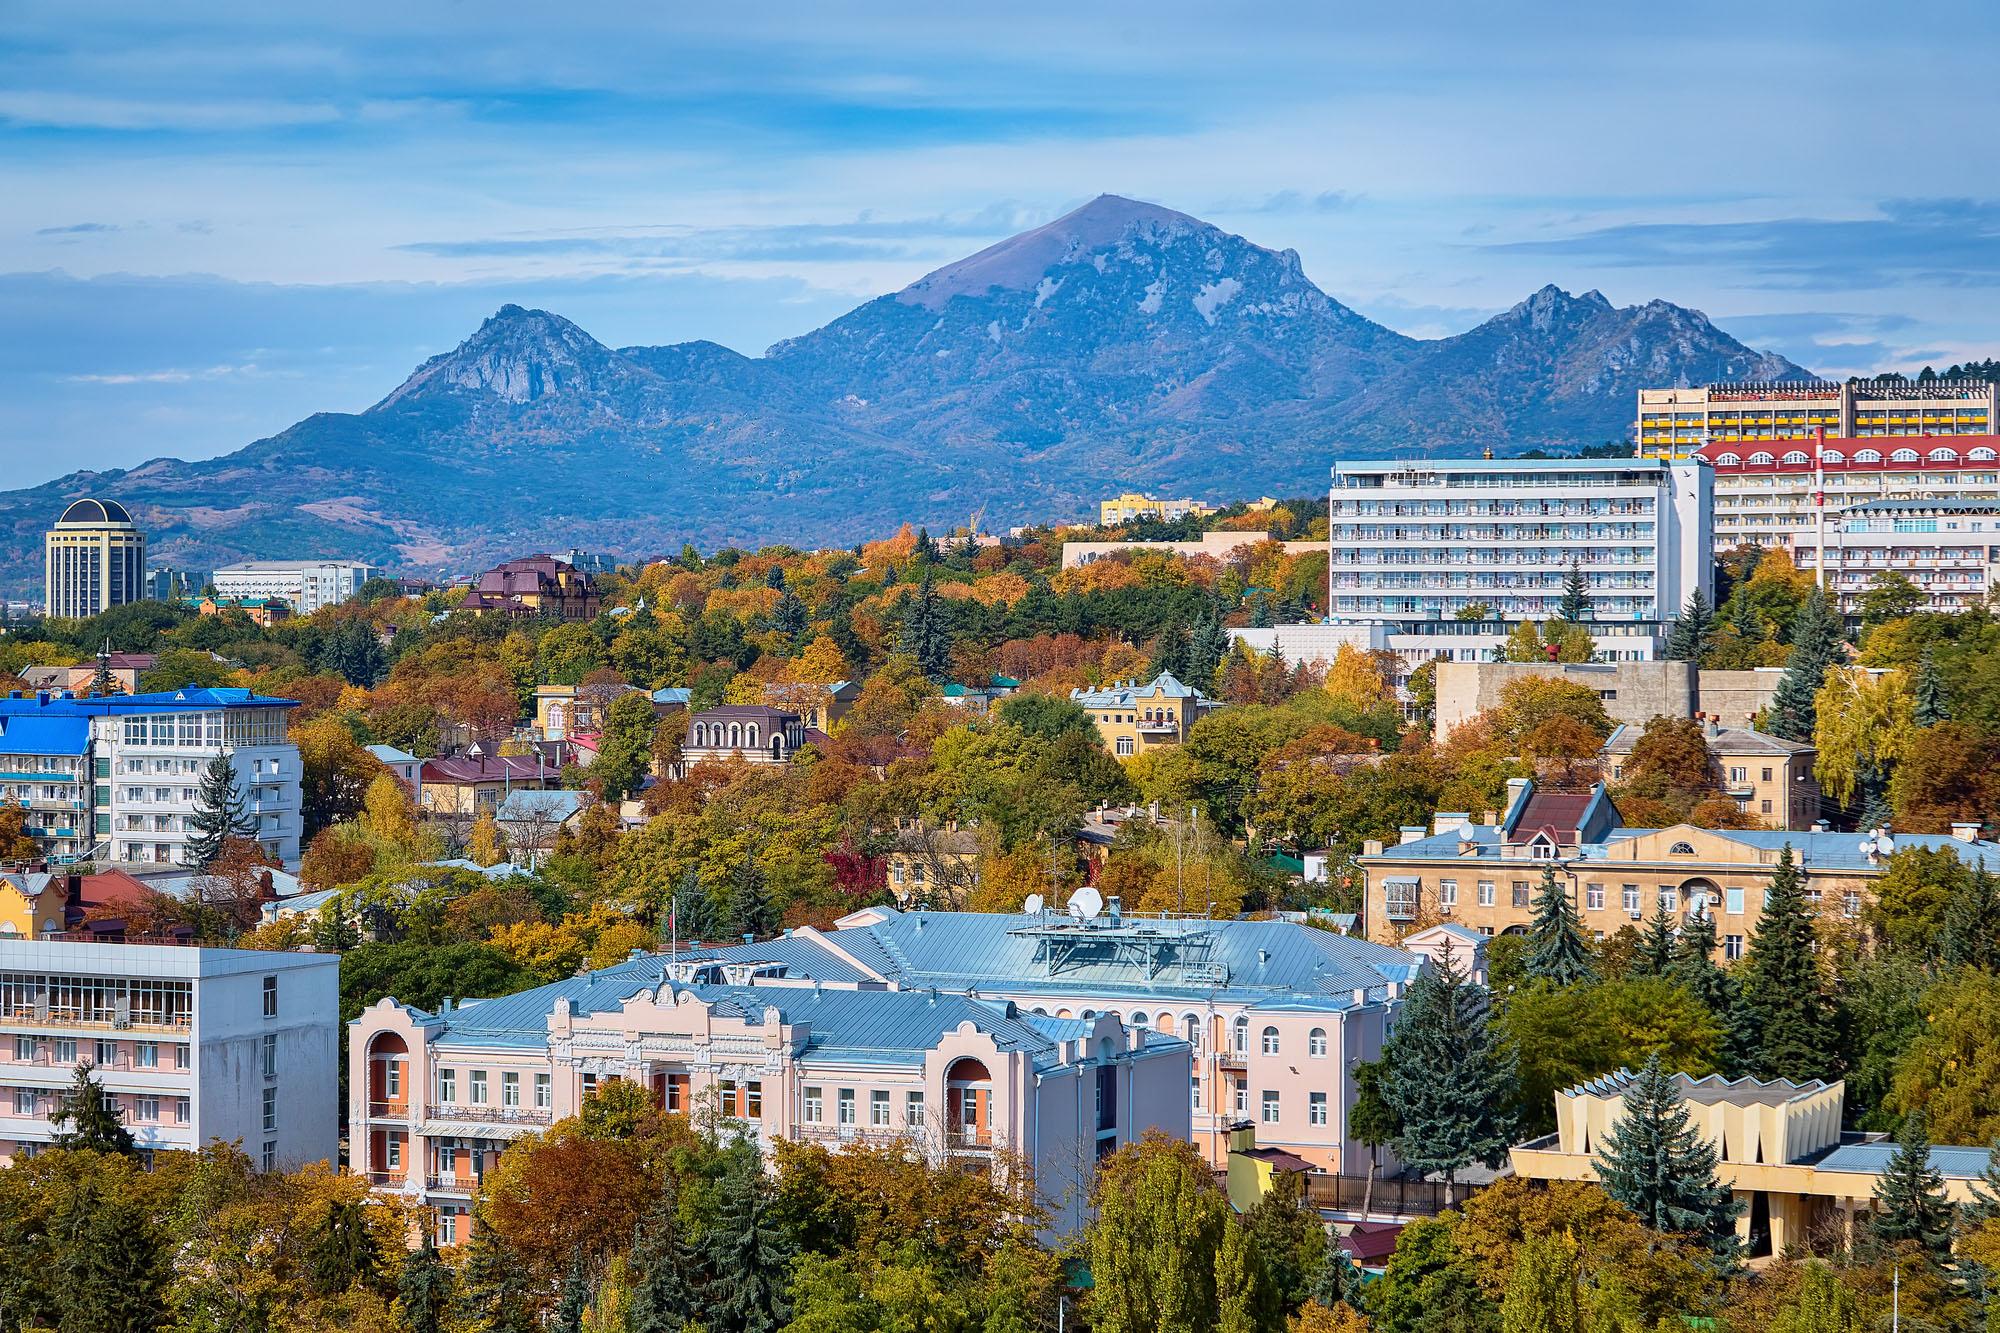 Исследуем Северный Кавказ: Дагестан, Кабардино-Балкария и Минеральные Воды|В дороге - сайт о путешествиях и приключениях